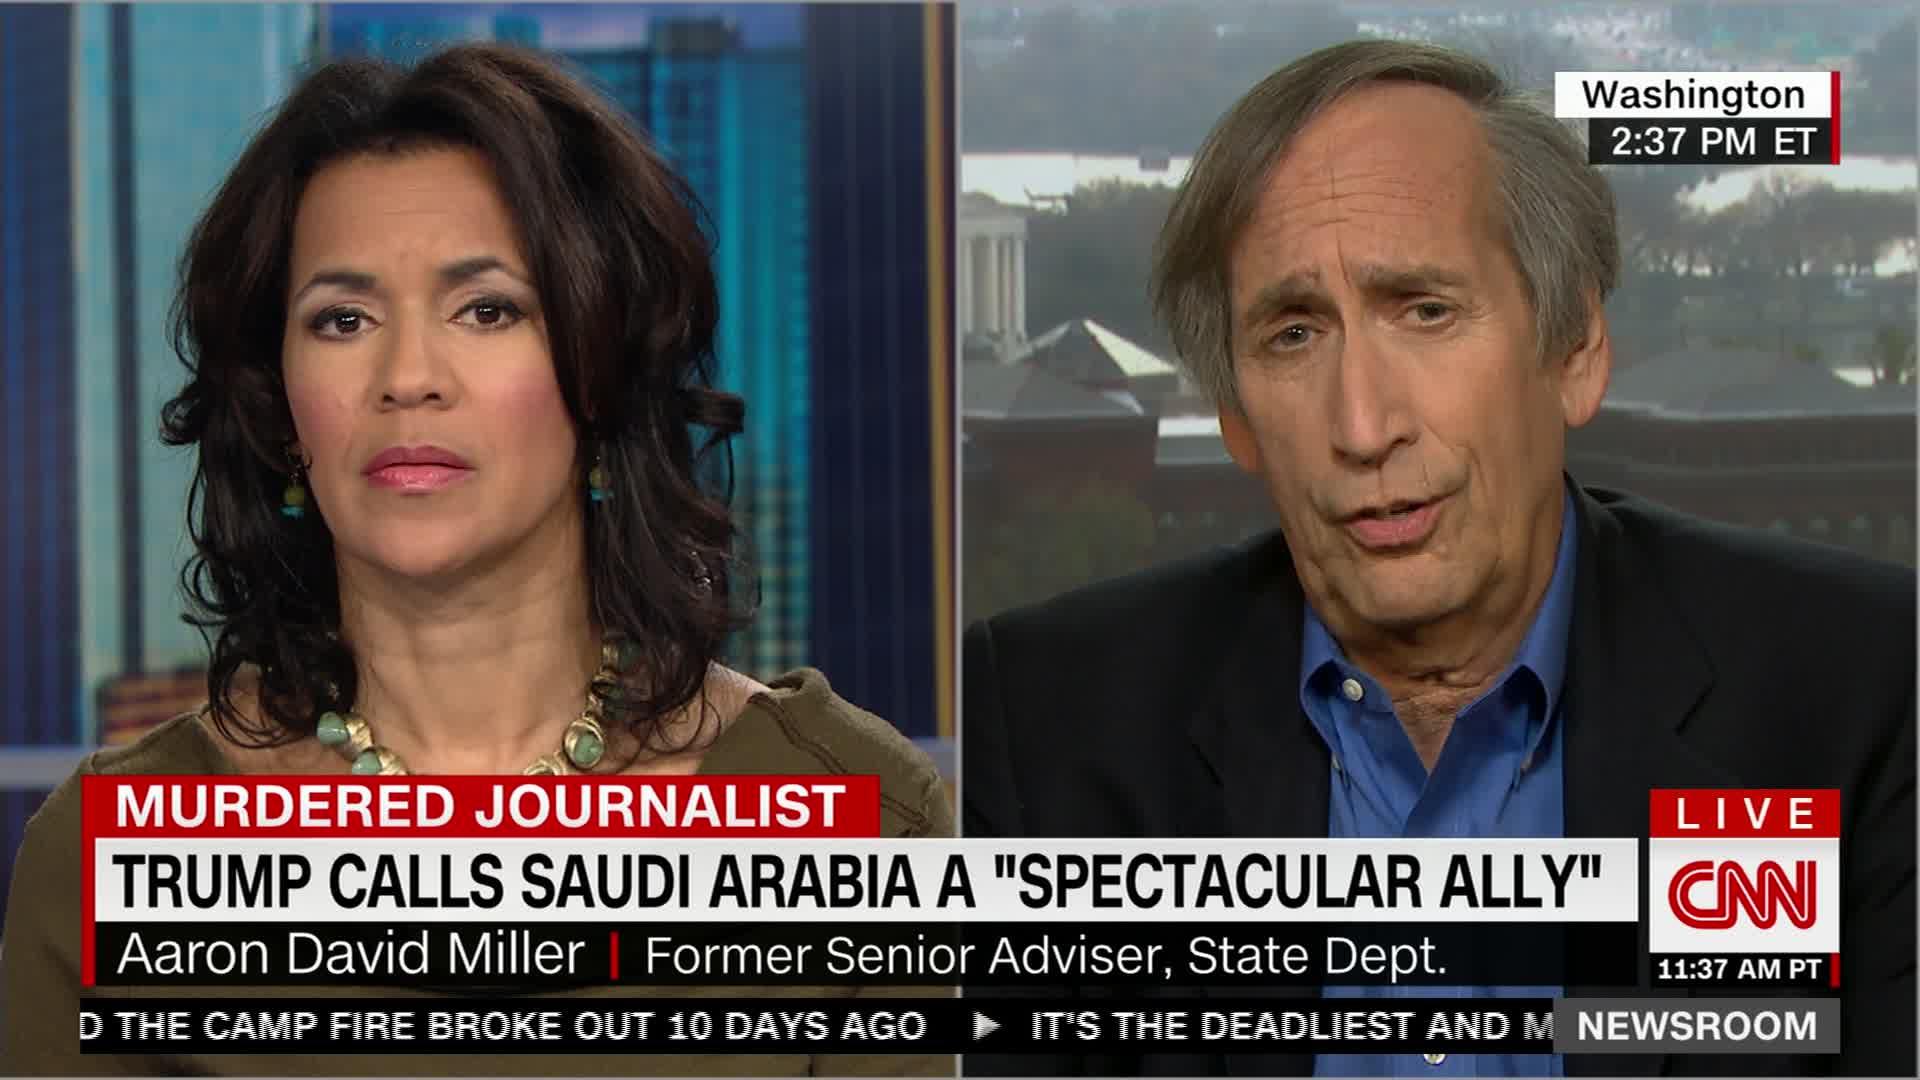 أمريكا تعاقب 17 سعوديا على خلفية مقتل خاشقجي